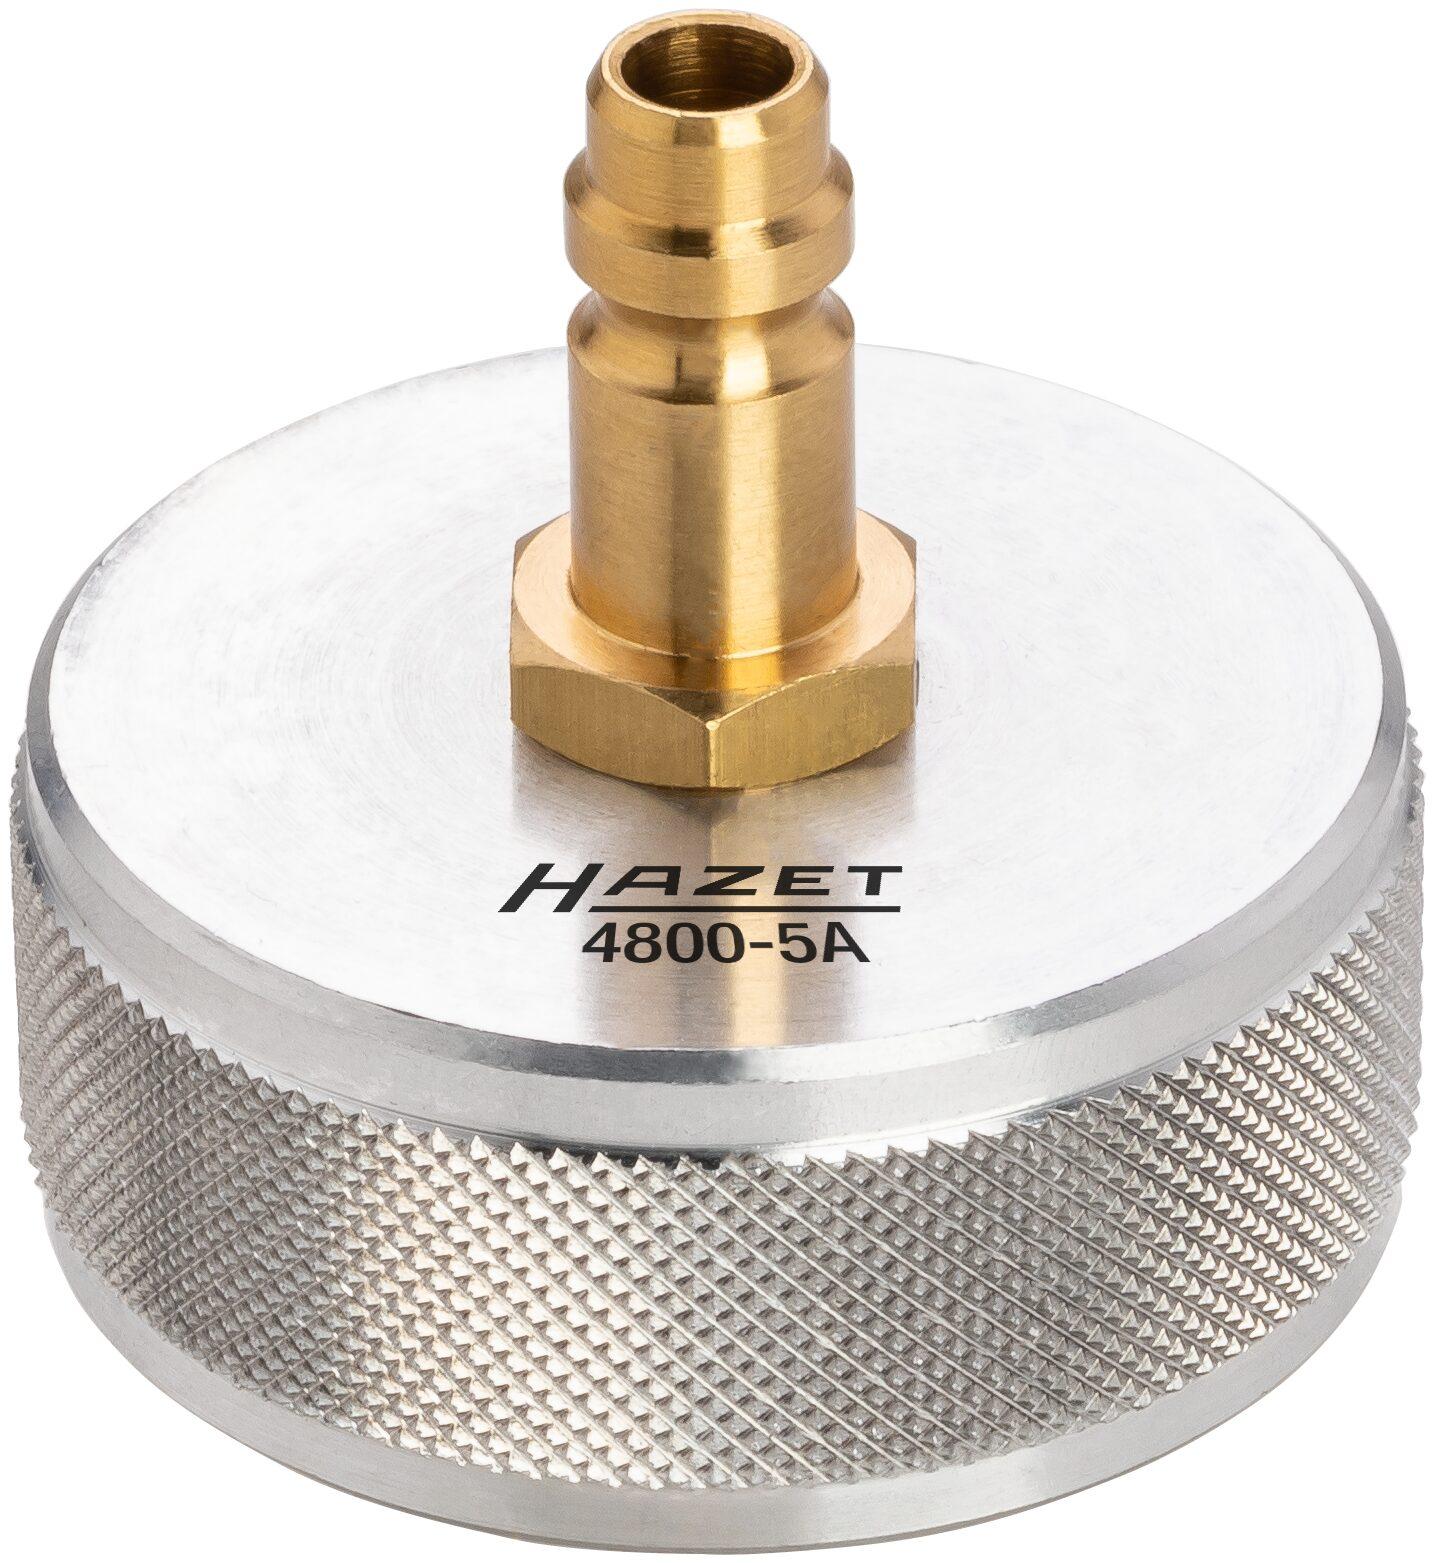 HAZET Kühlerpumpe und -adapter 4800-5A